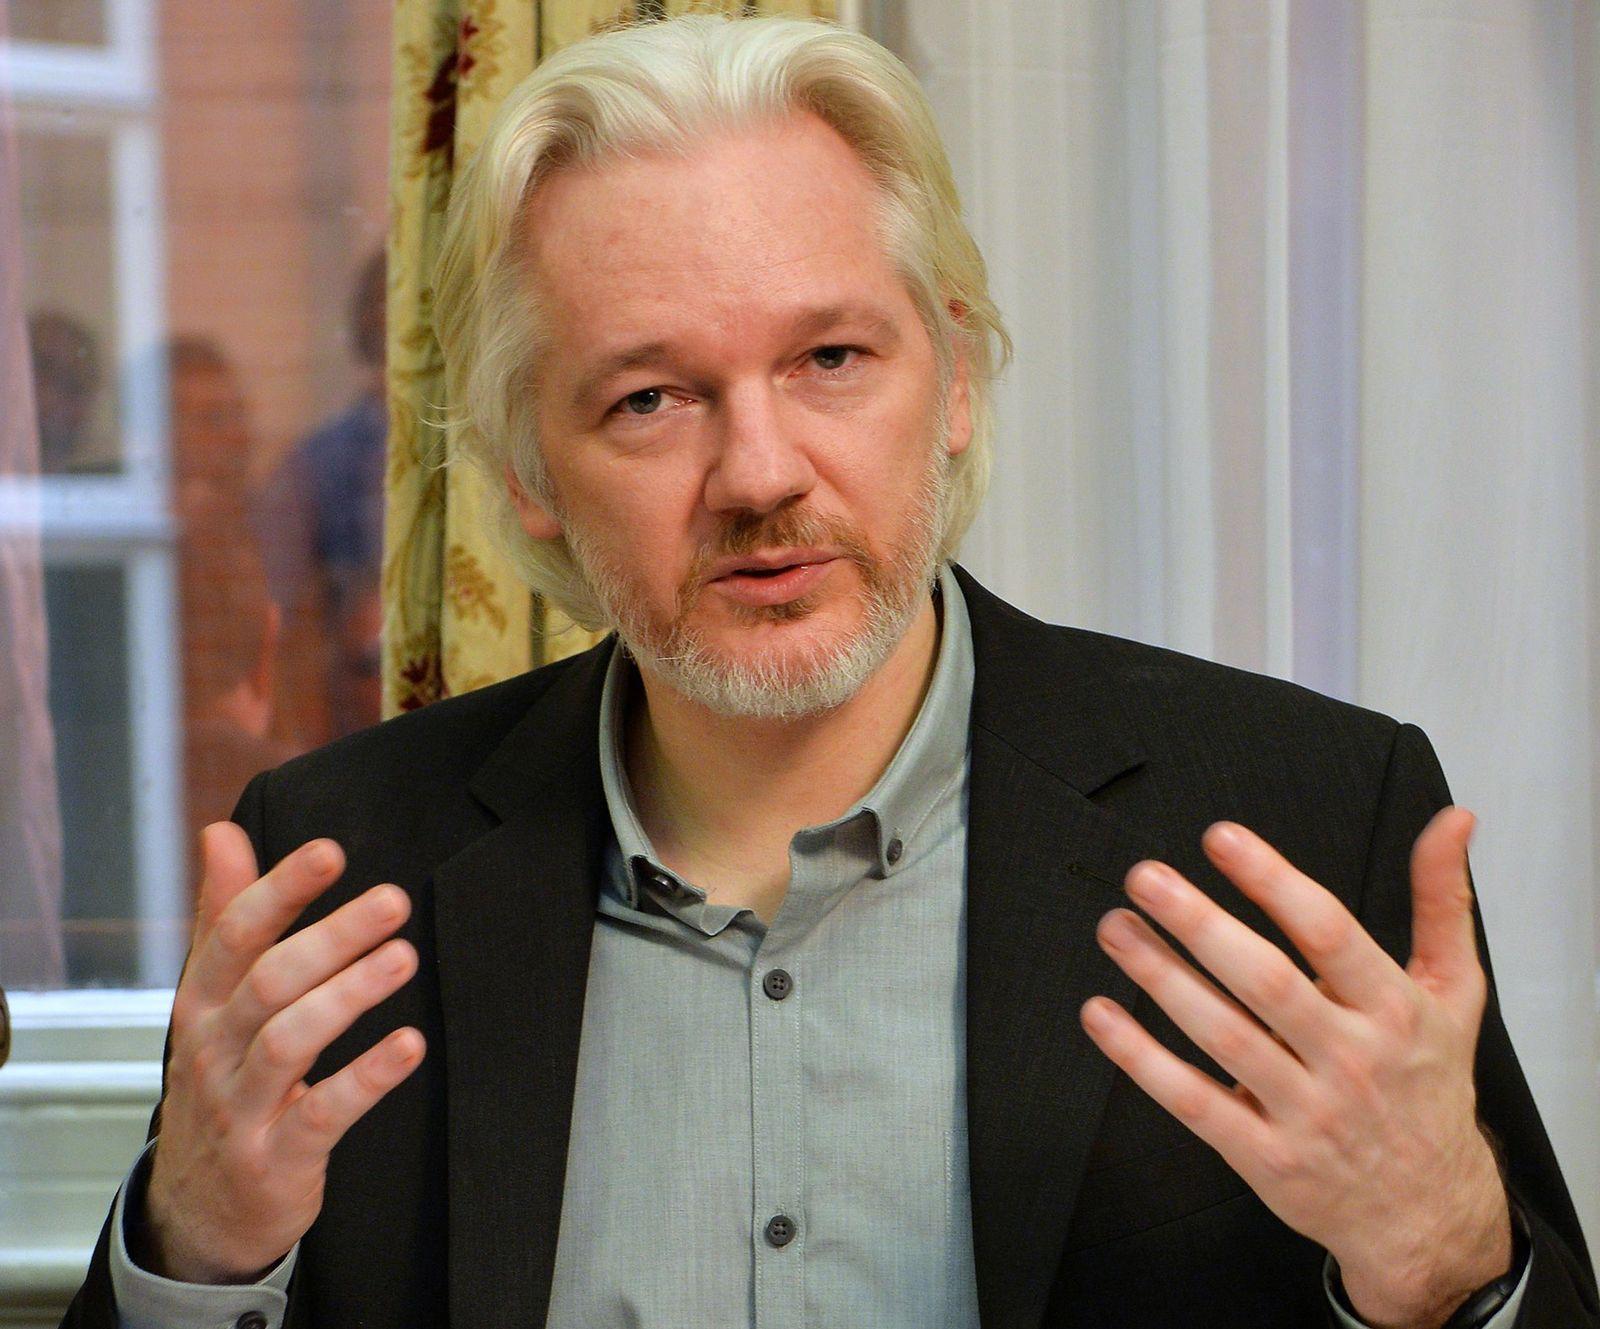 Julian Assange/ Wikileaks